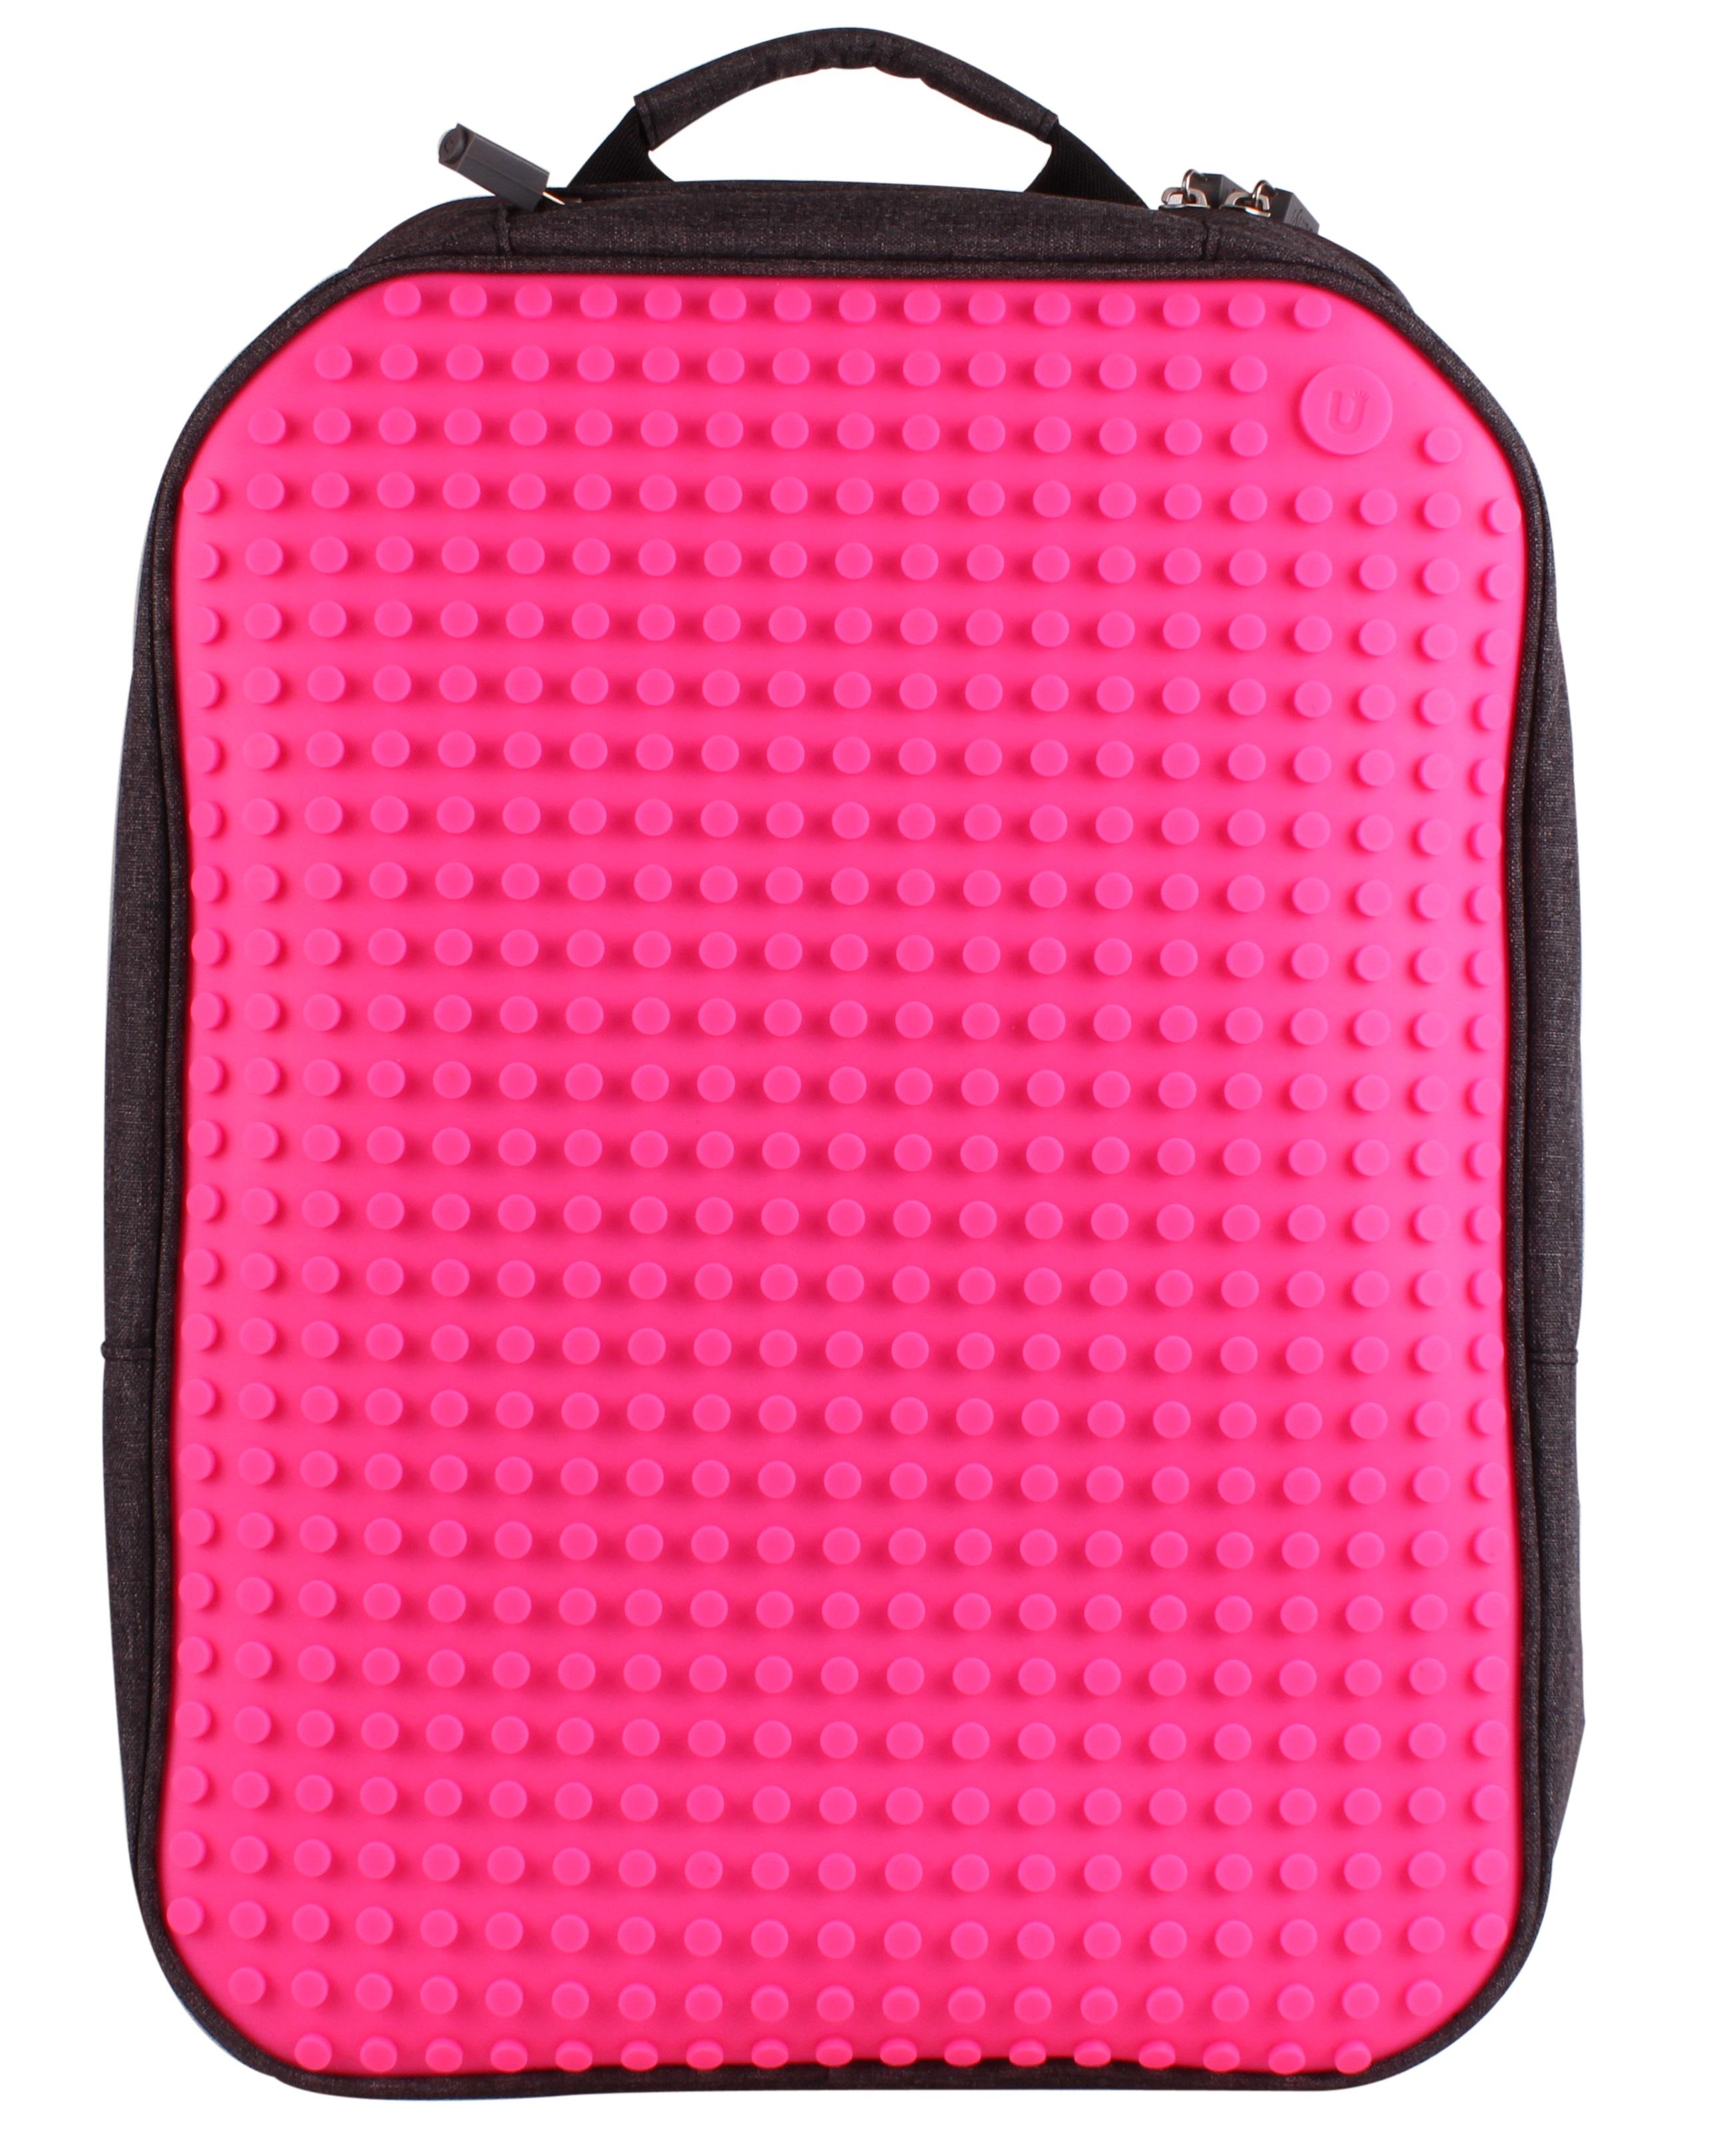 Большой пиксельный рюкзак с ортопедической спинкой (Canvas classic pixel Backpack) WY-A001 (Фуксия) большой пиксельный универсальный чехол для смартфона pixel felt phone pocket фуксия зеленый